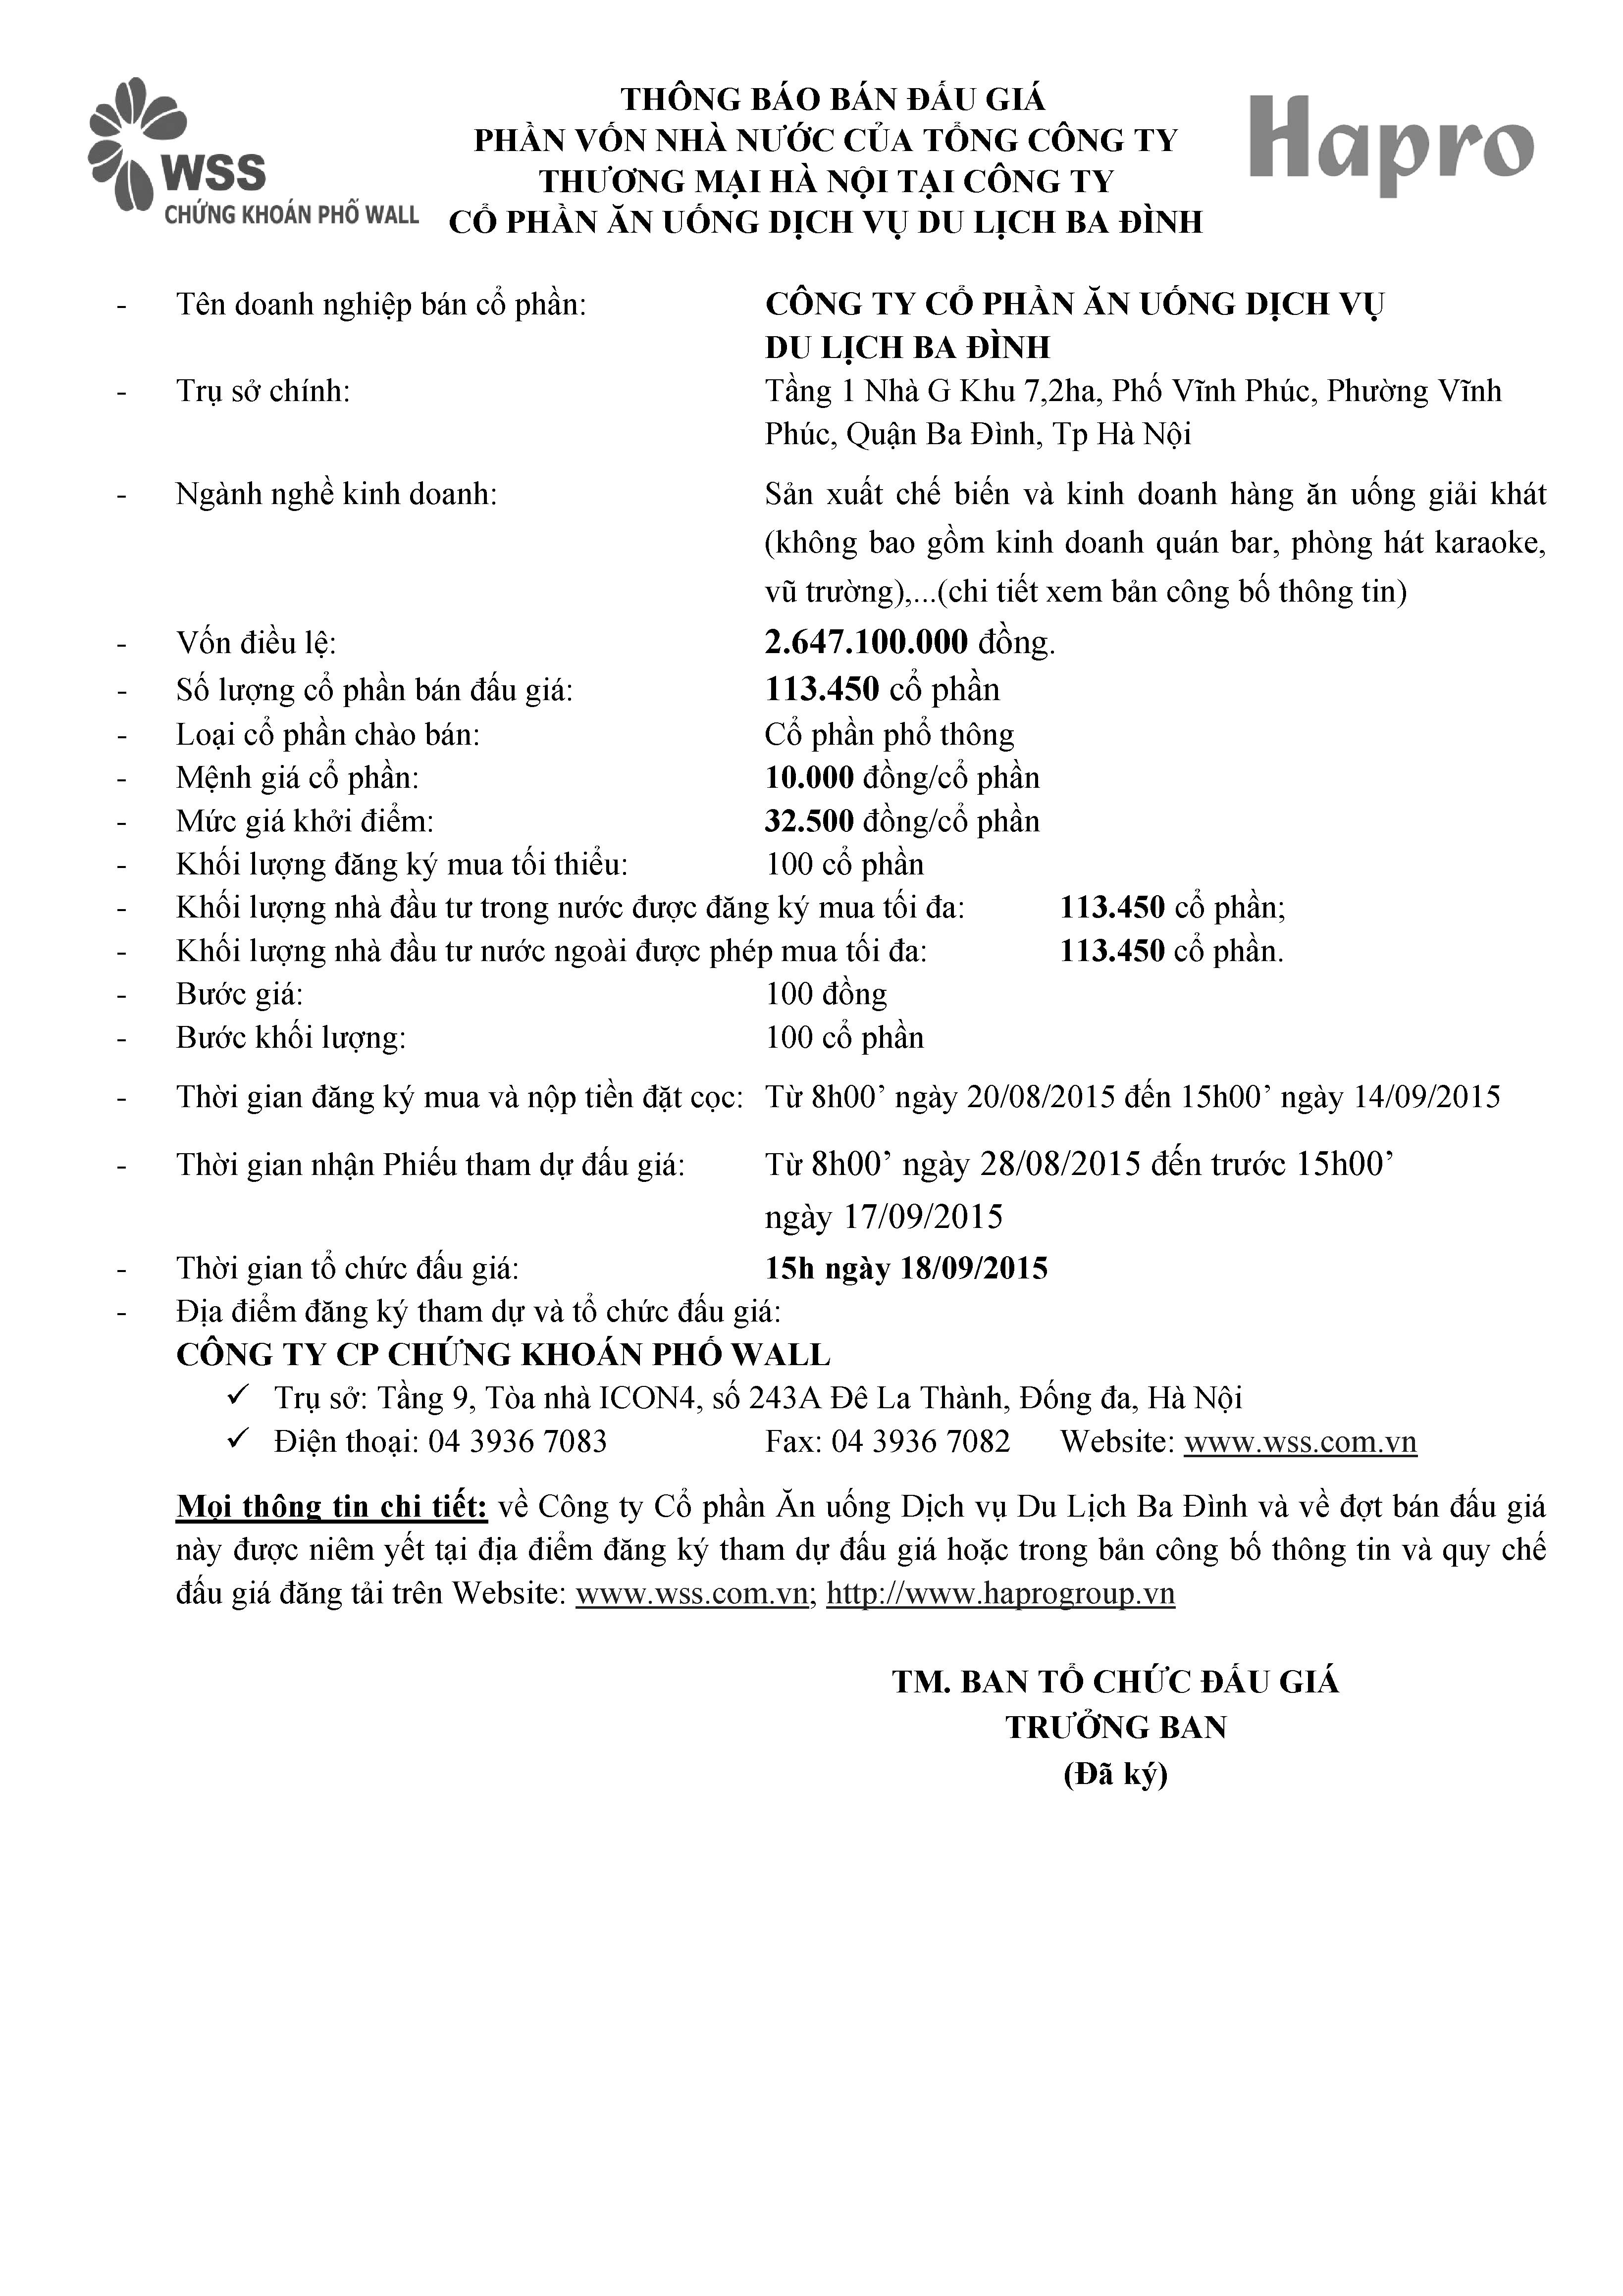 Thông báo bán đấu giá cổ phần vốn nhà nước của TCT Thương mại Hà Nội tại Công ty CP ăn uống dịch vụ Du lịch Hà Nội